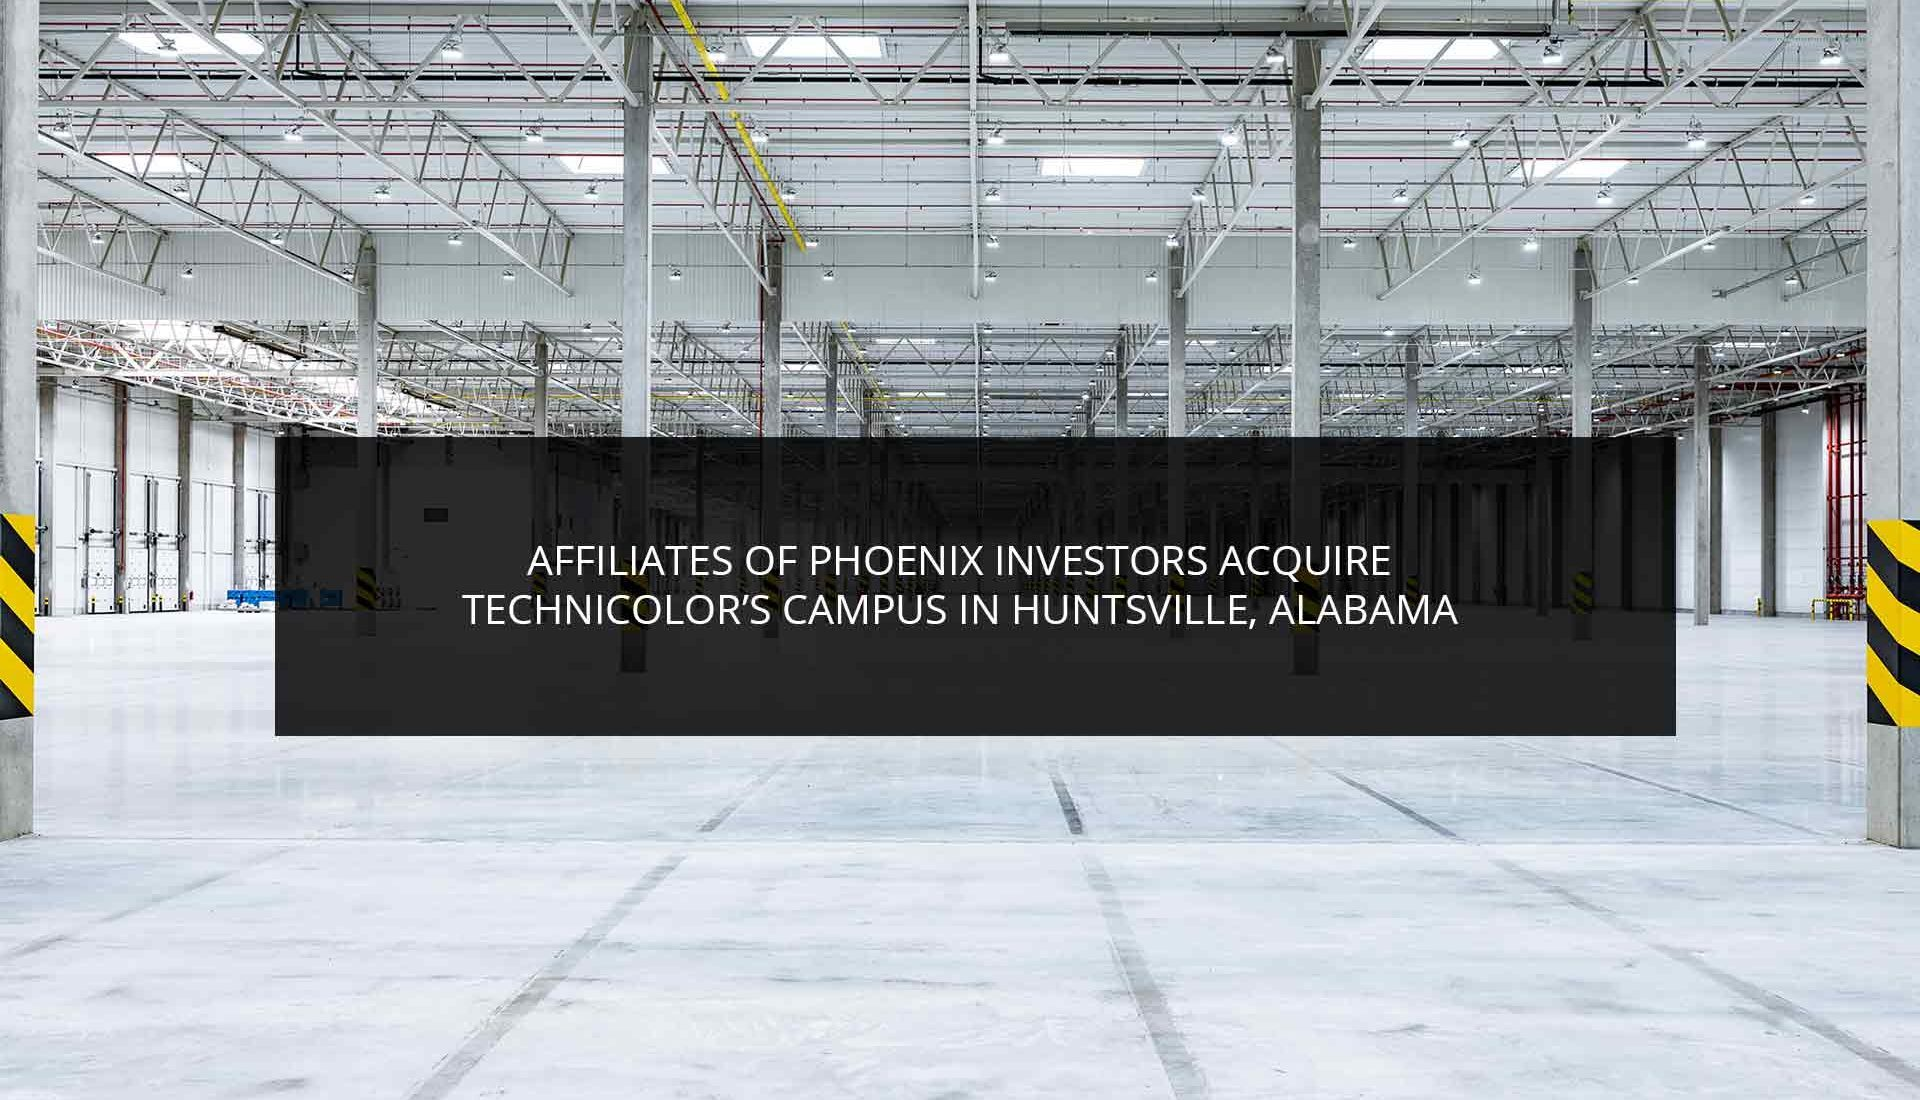 Affiliates of Phoenix Investors Acquire Technicolor's Campus in Huntsville, Alabama